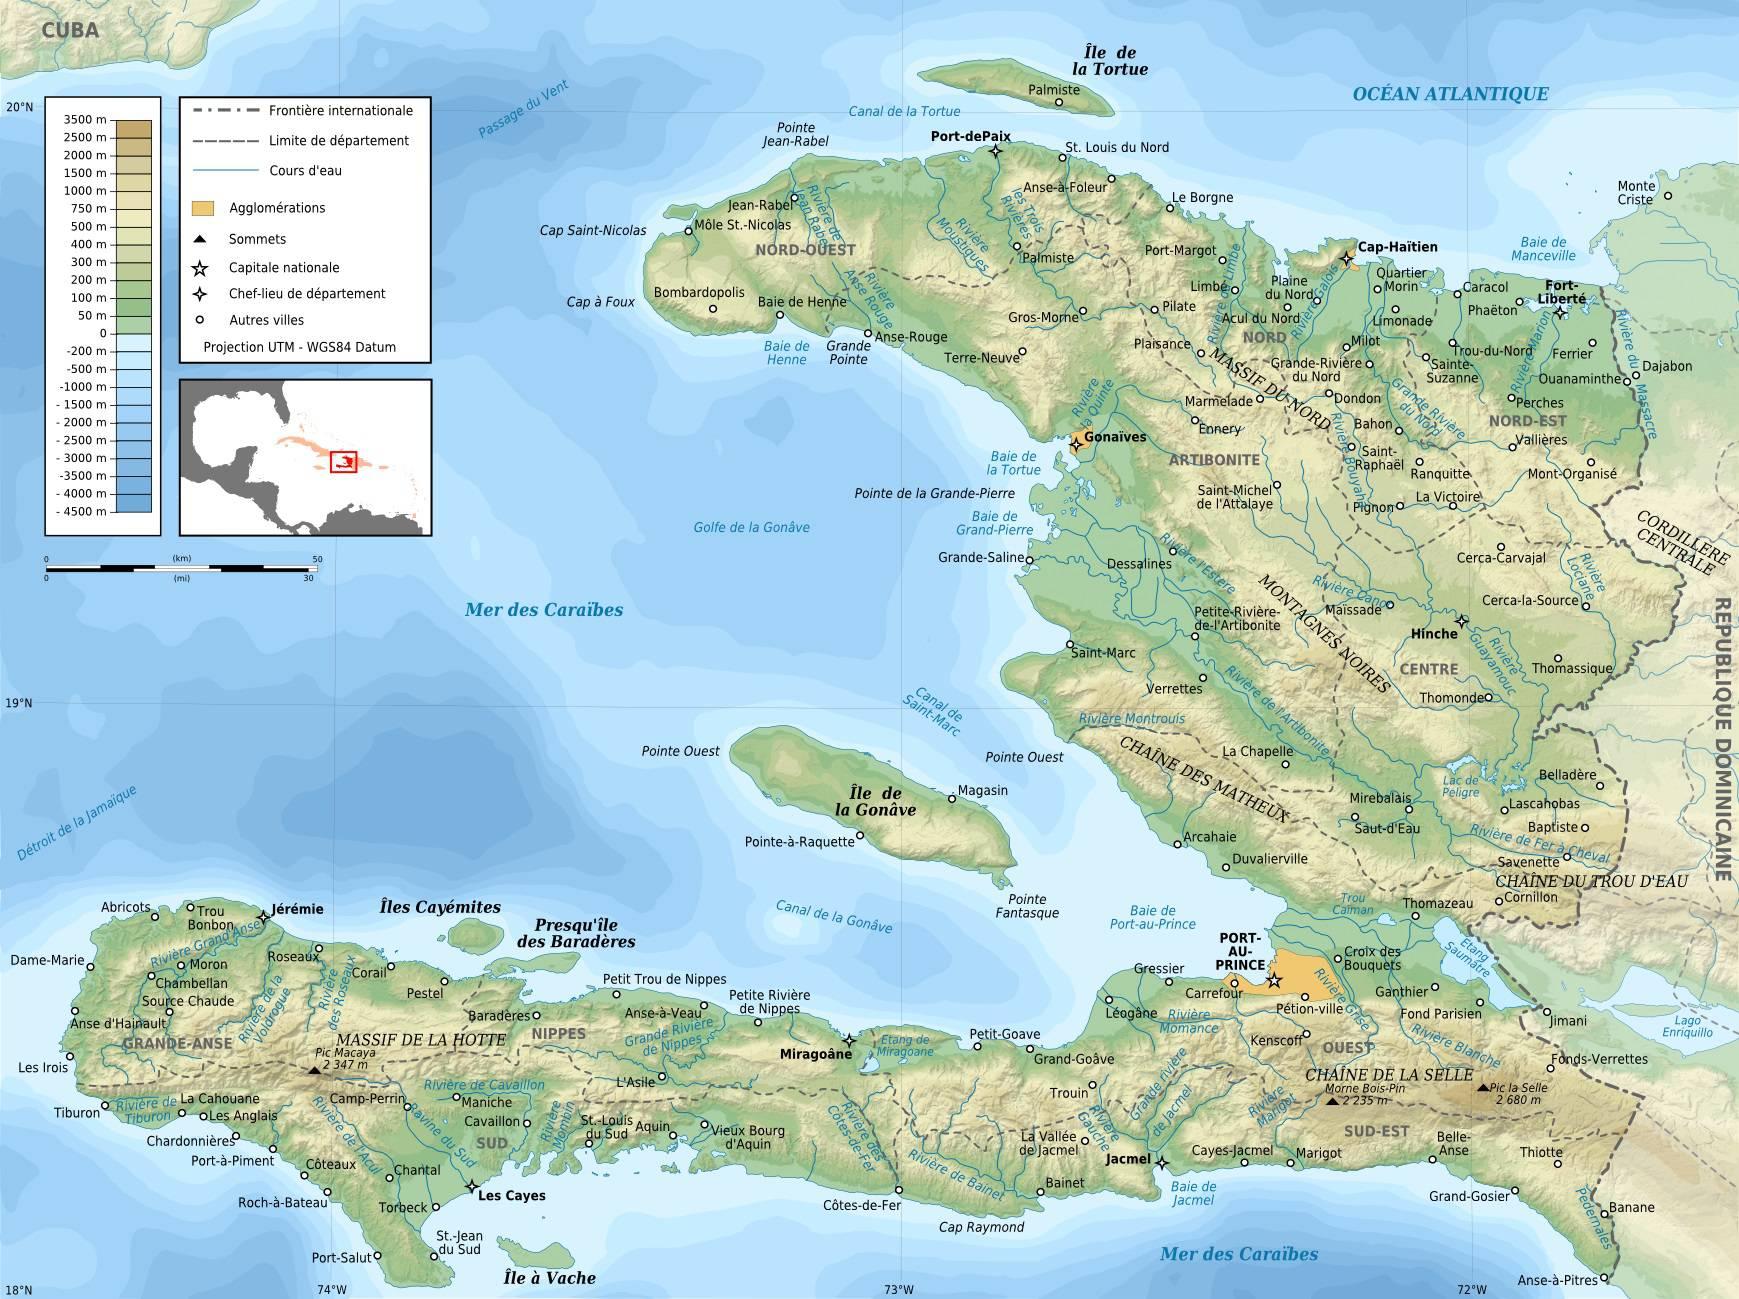 Carte géographique d'Haïti